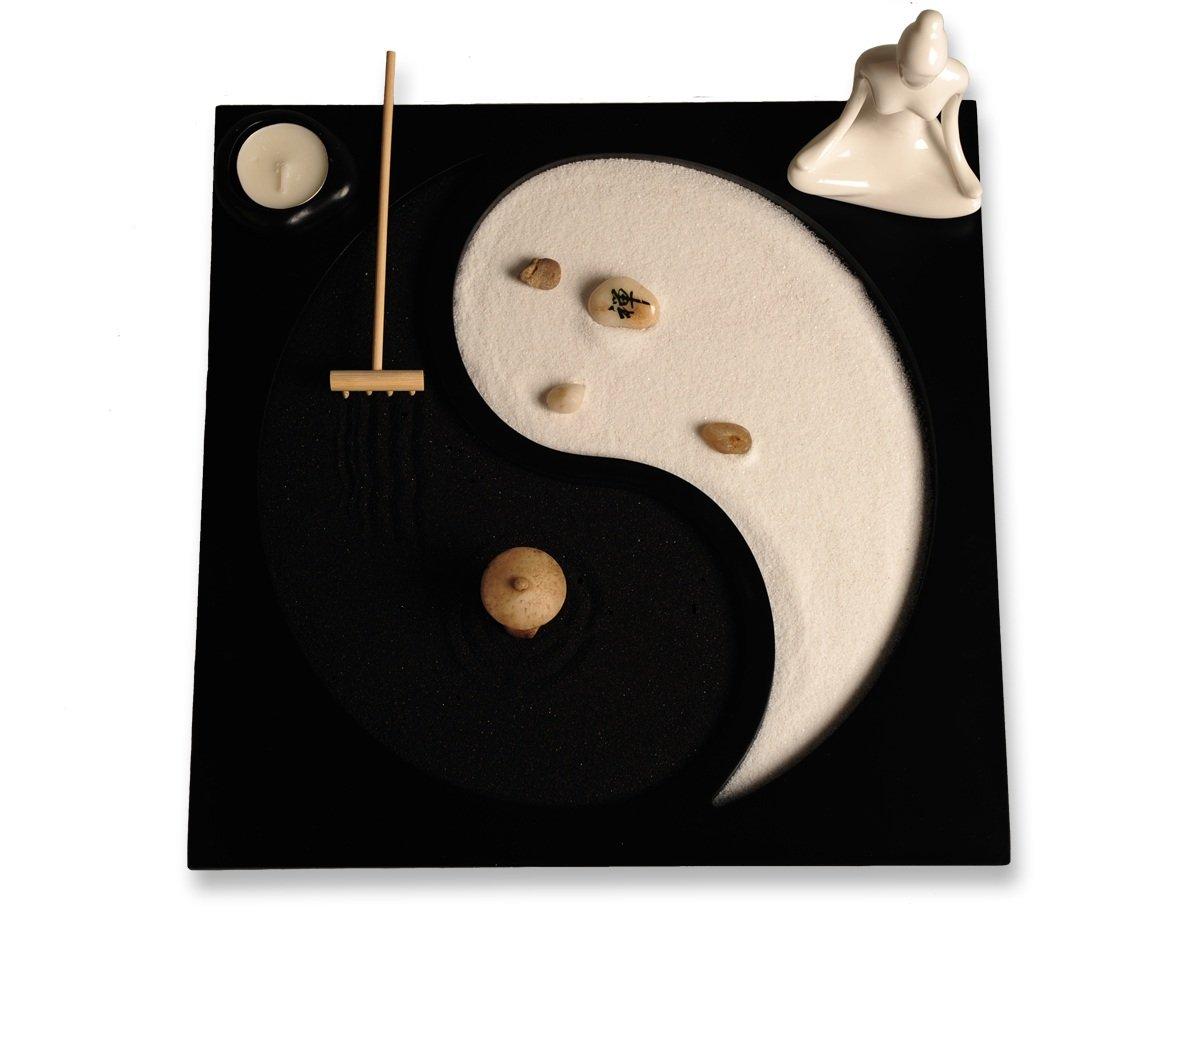 Juego de accesorios y herramientas para jardín Zen de ICNBUYS, madera, B, a,b,c,d,e,f,g,h: Amazon.es: Hogar